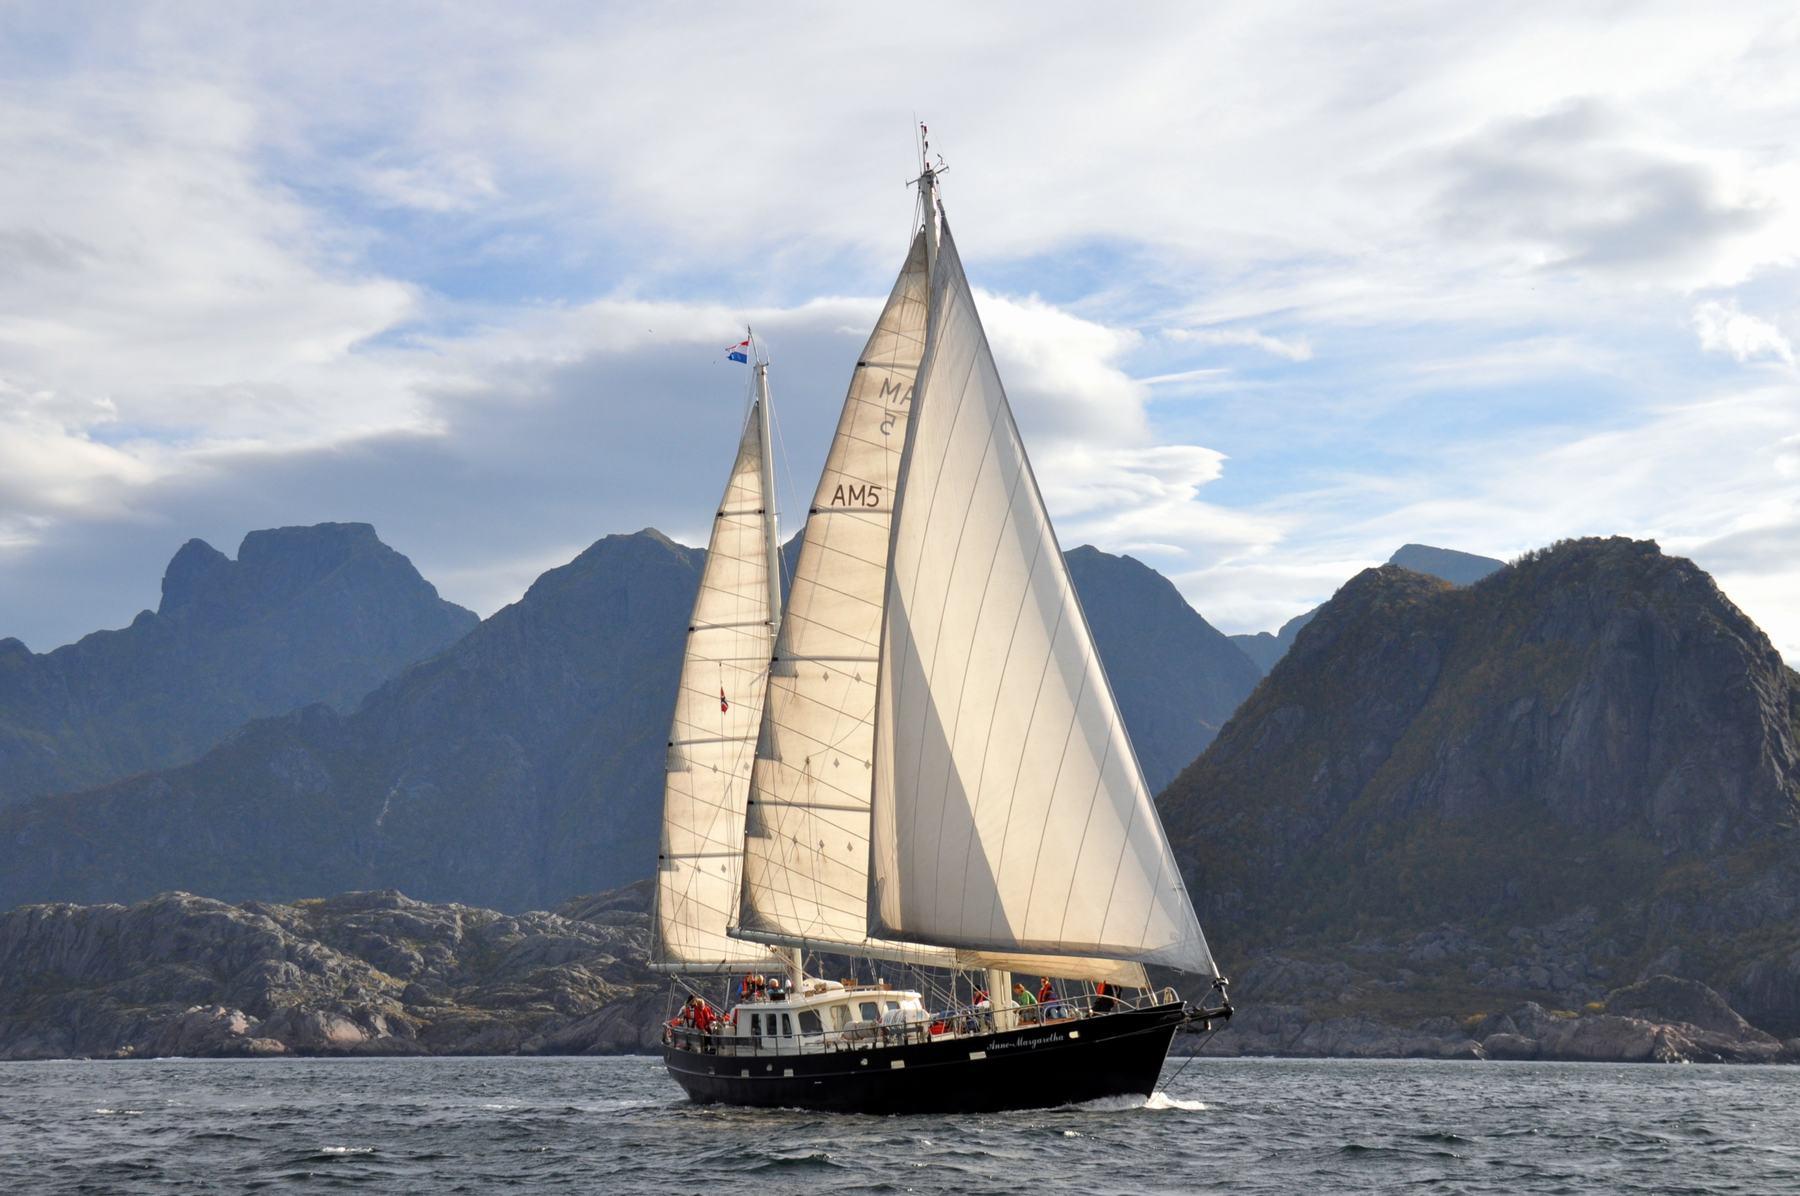 noorse-fjorden-met-anne-margaretha